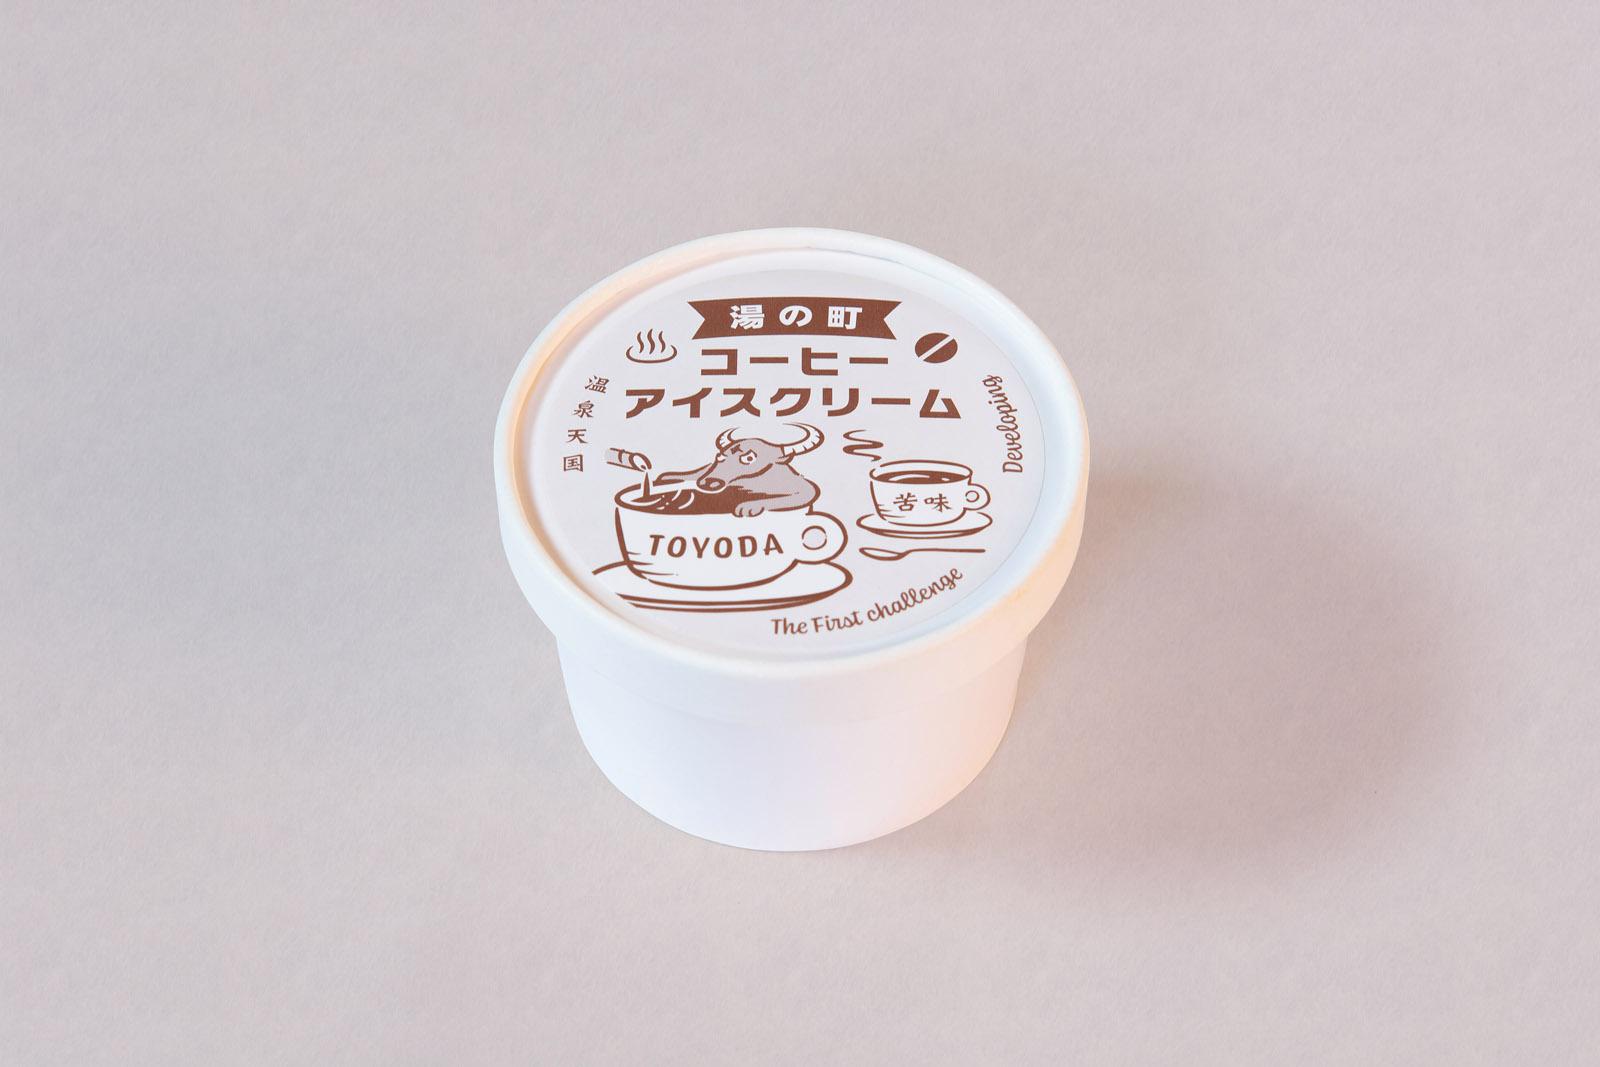 豊田乳業様:湯の町コーヒーアイスクリーム ラベル